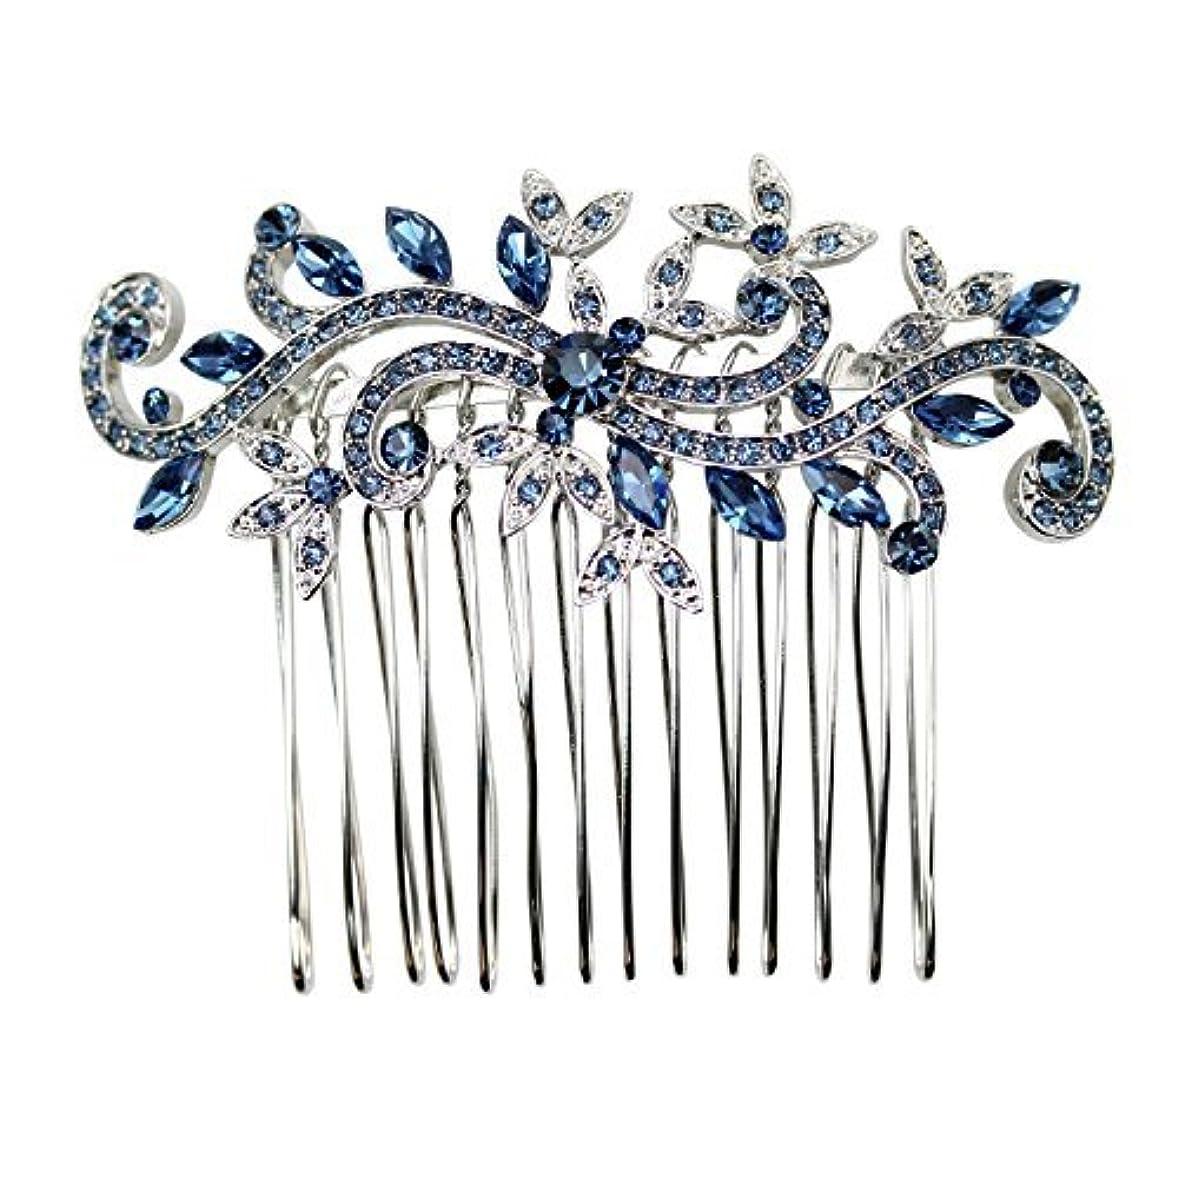 アメリカ中に不良品Faship Gorgeous Navy Blue Crystal Floral Hair Comb [並行輸入品]